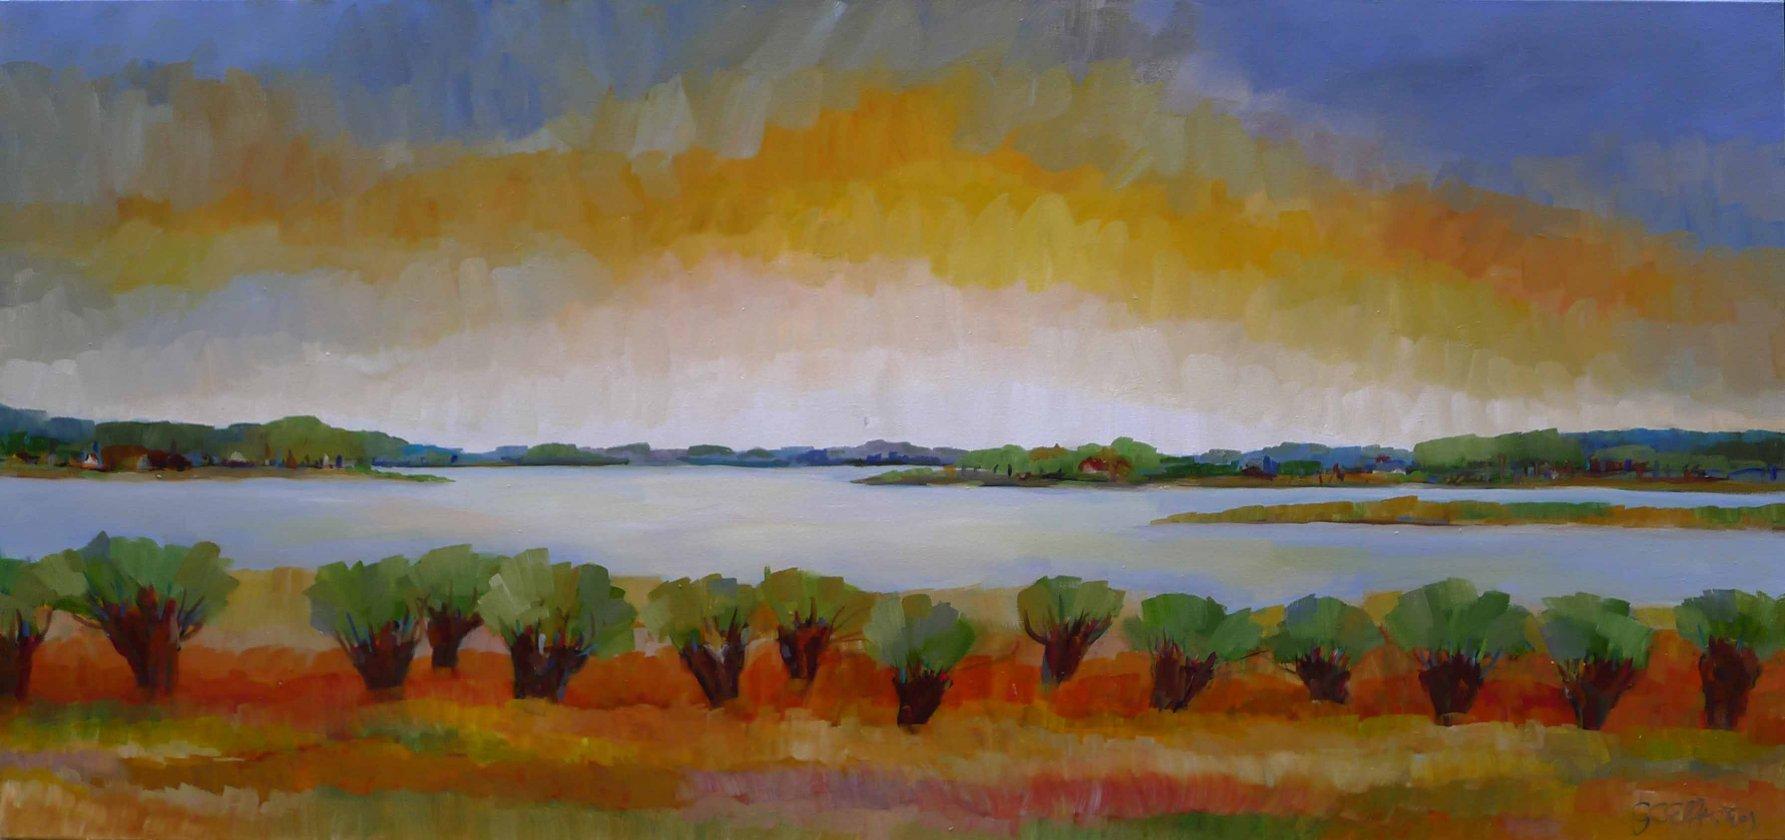 Waterland met wilgen